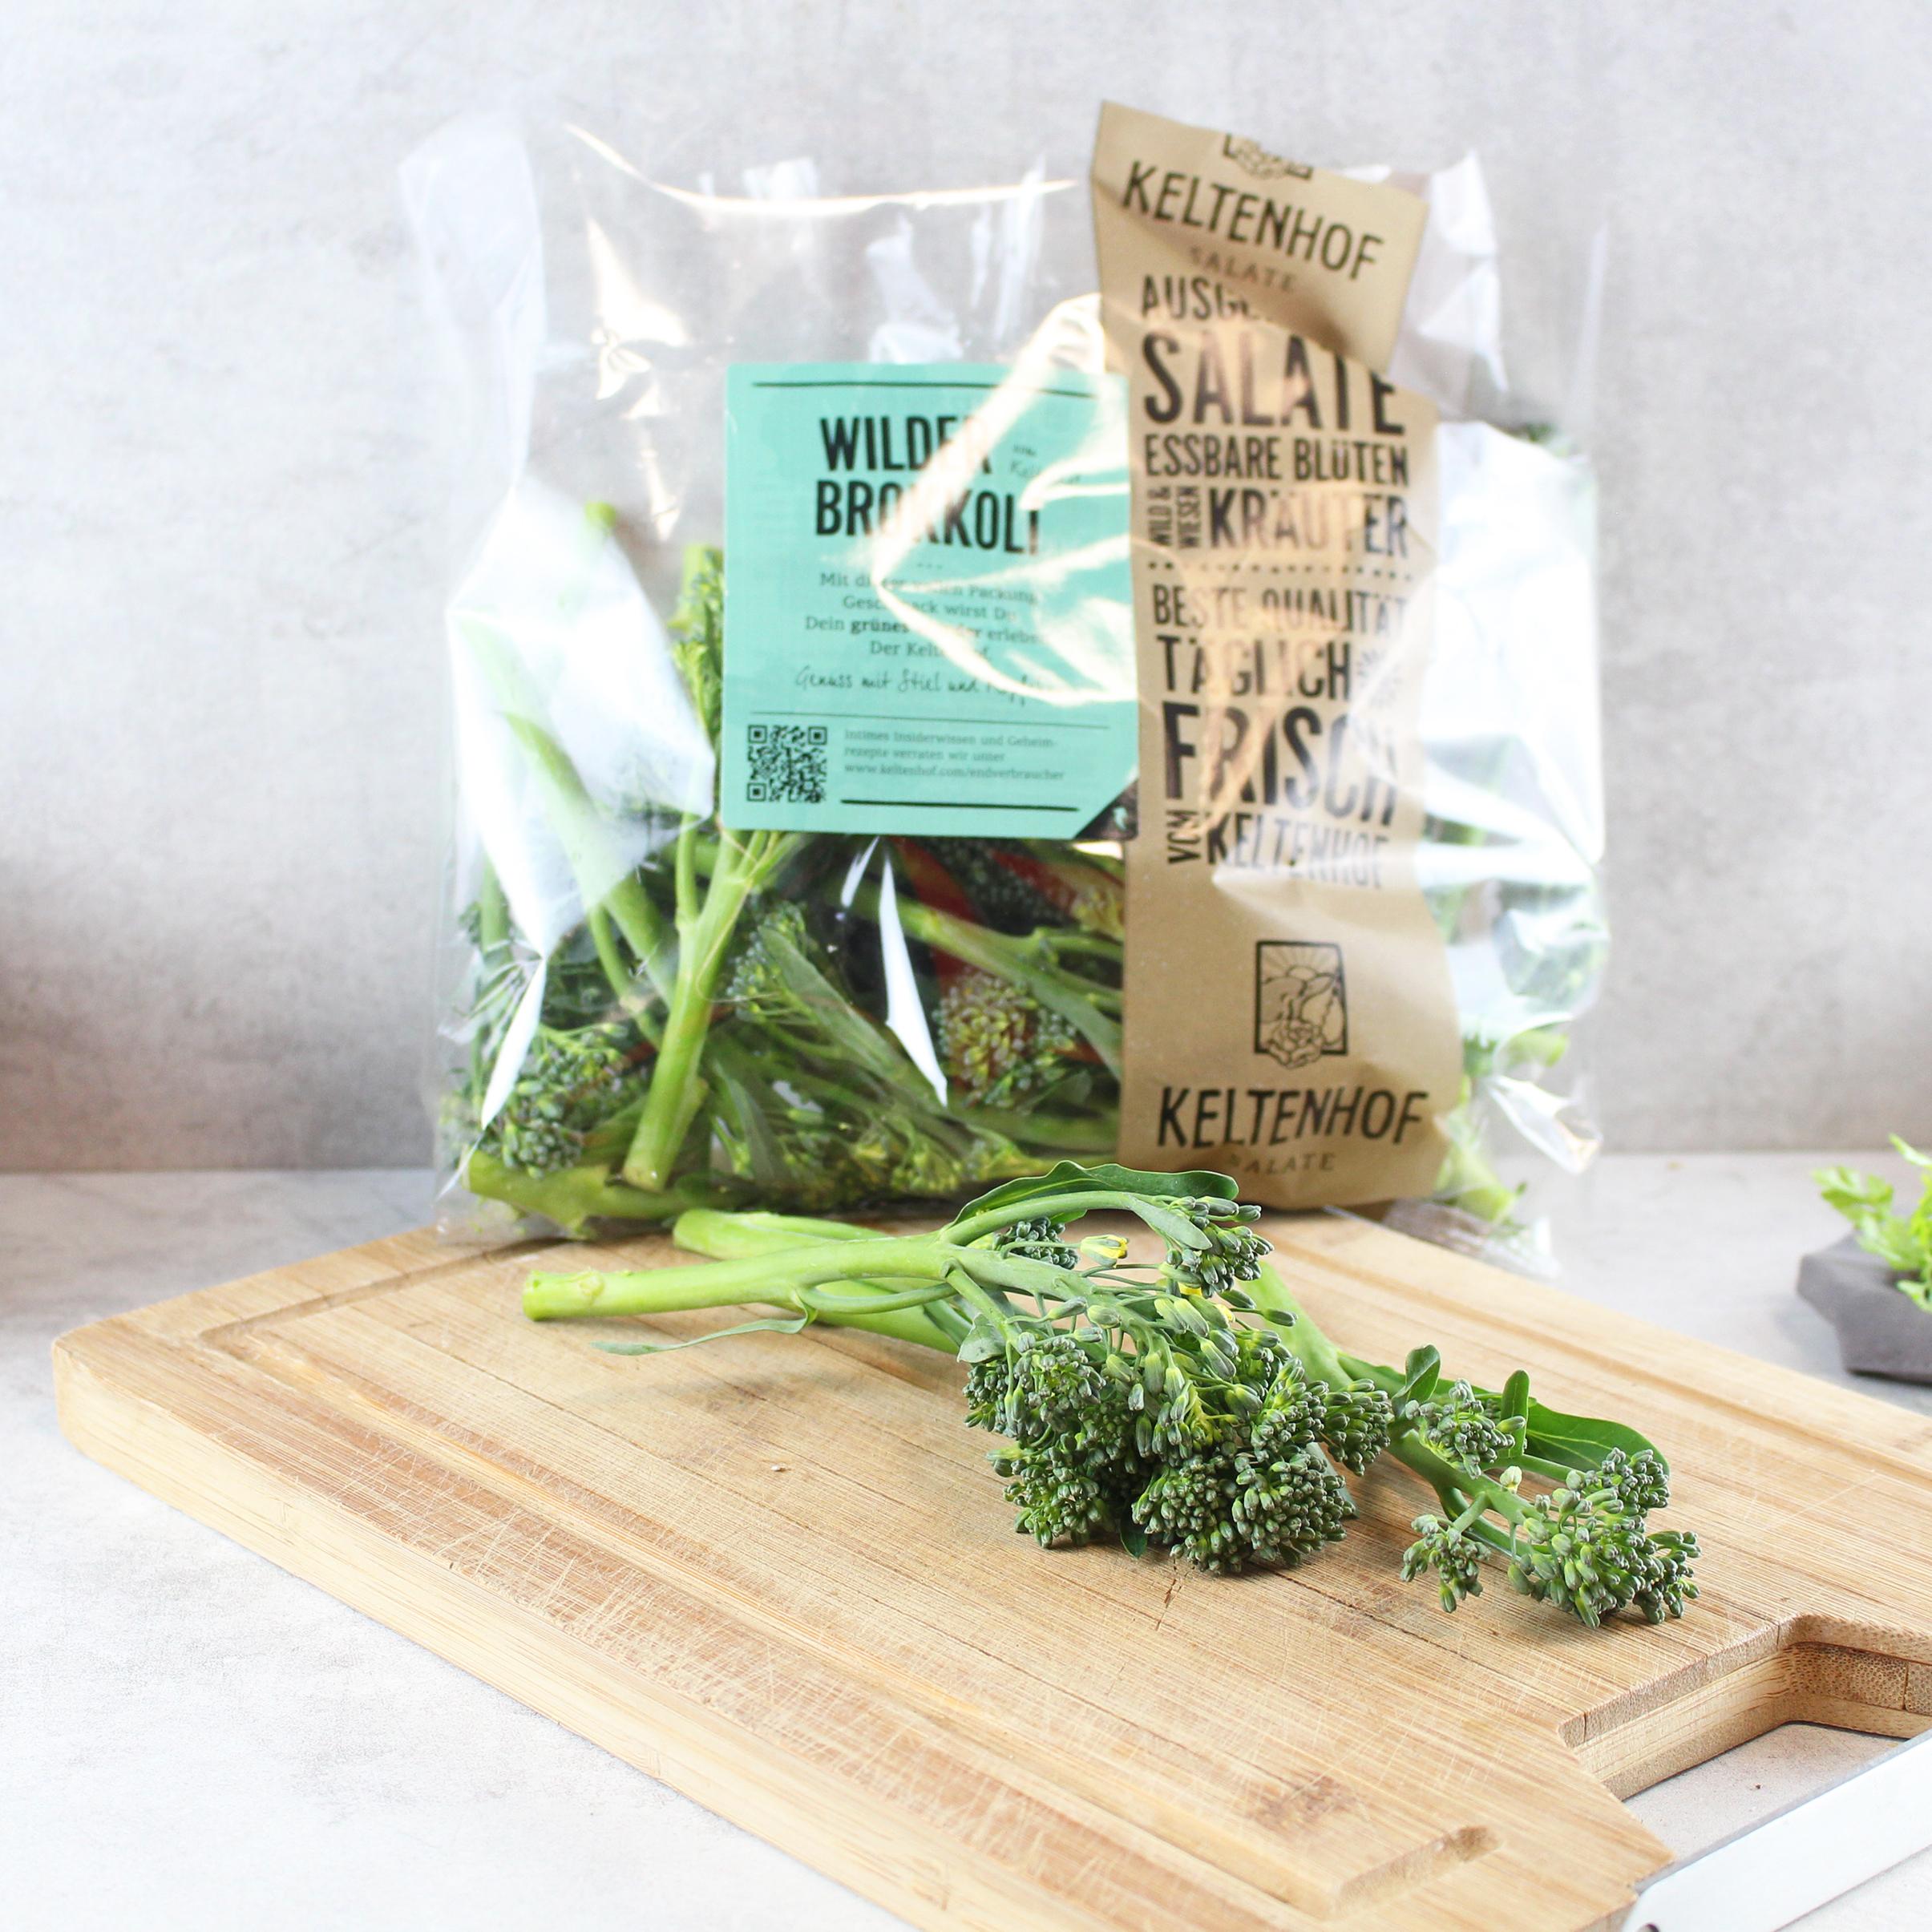 broccoli-wild-kh-300g-beutel-4-beutel-kiste-deutschland-markthalle20-1